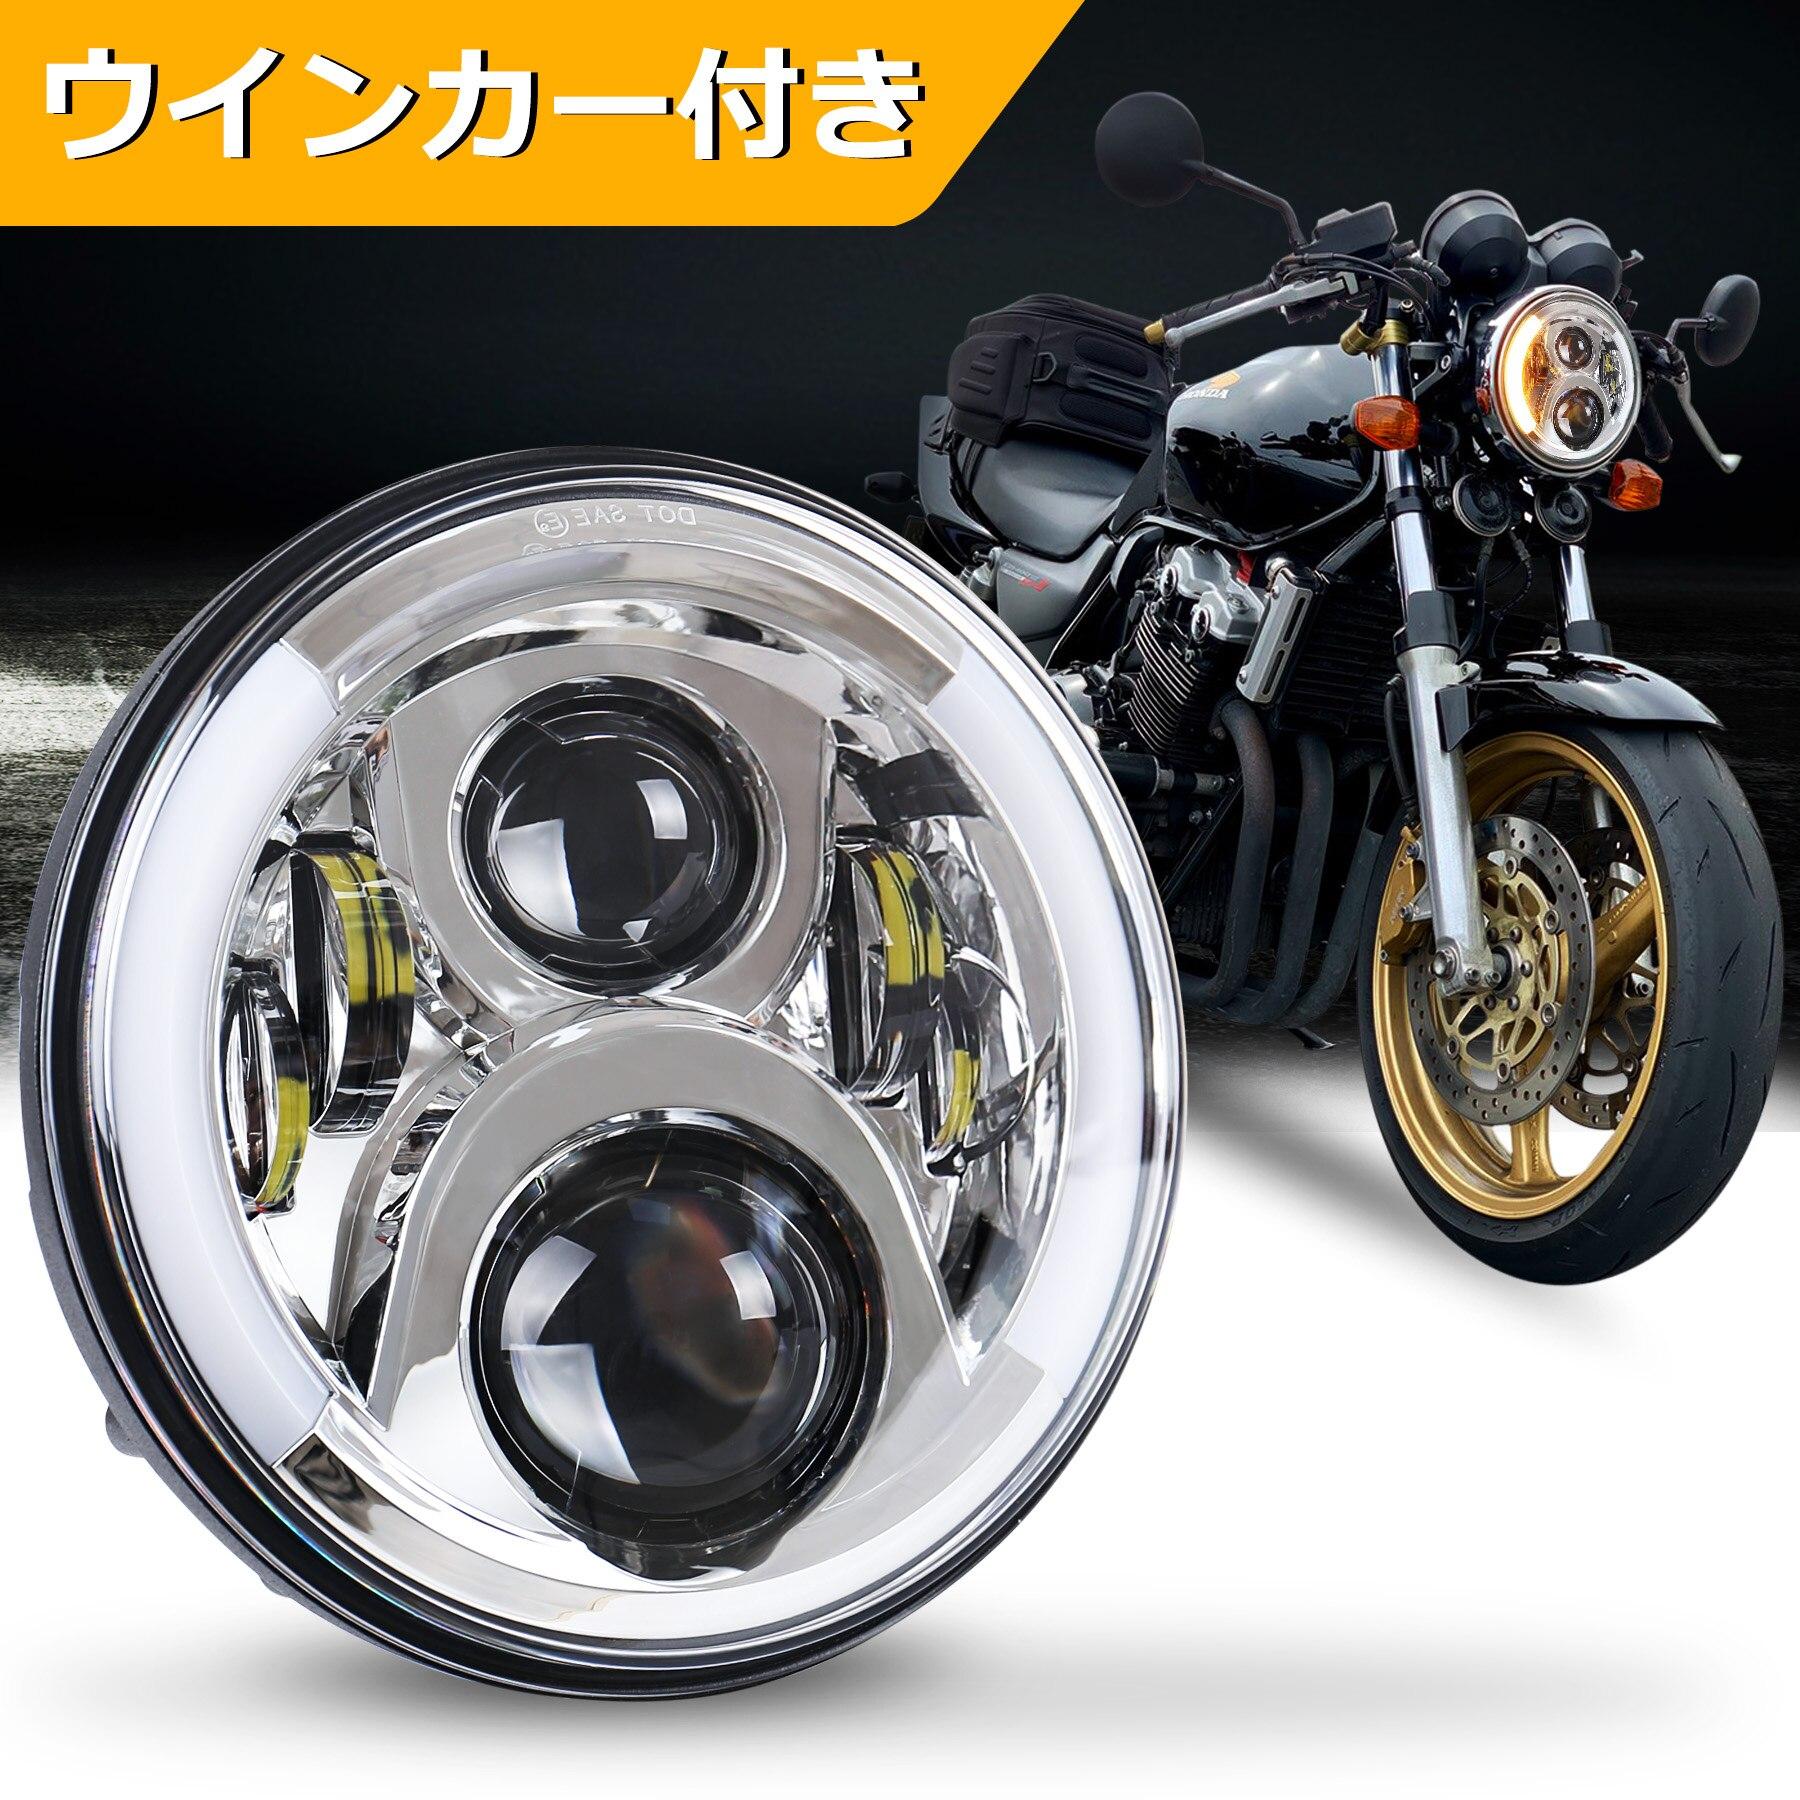 7 بوصة 17.7 سنتيمتر الأسود الإسكان مصابيح LED مستديرة العلوي عالية منخفضة شعاع مع 12 فولت DRL ل هون دا Motcycle CB750 CB1300 الدبور VTEC VTR 250